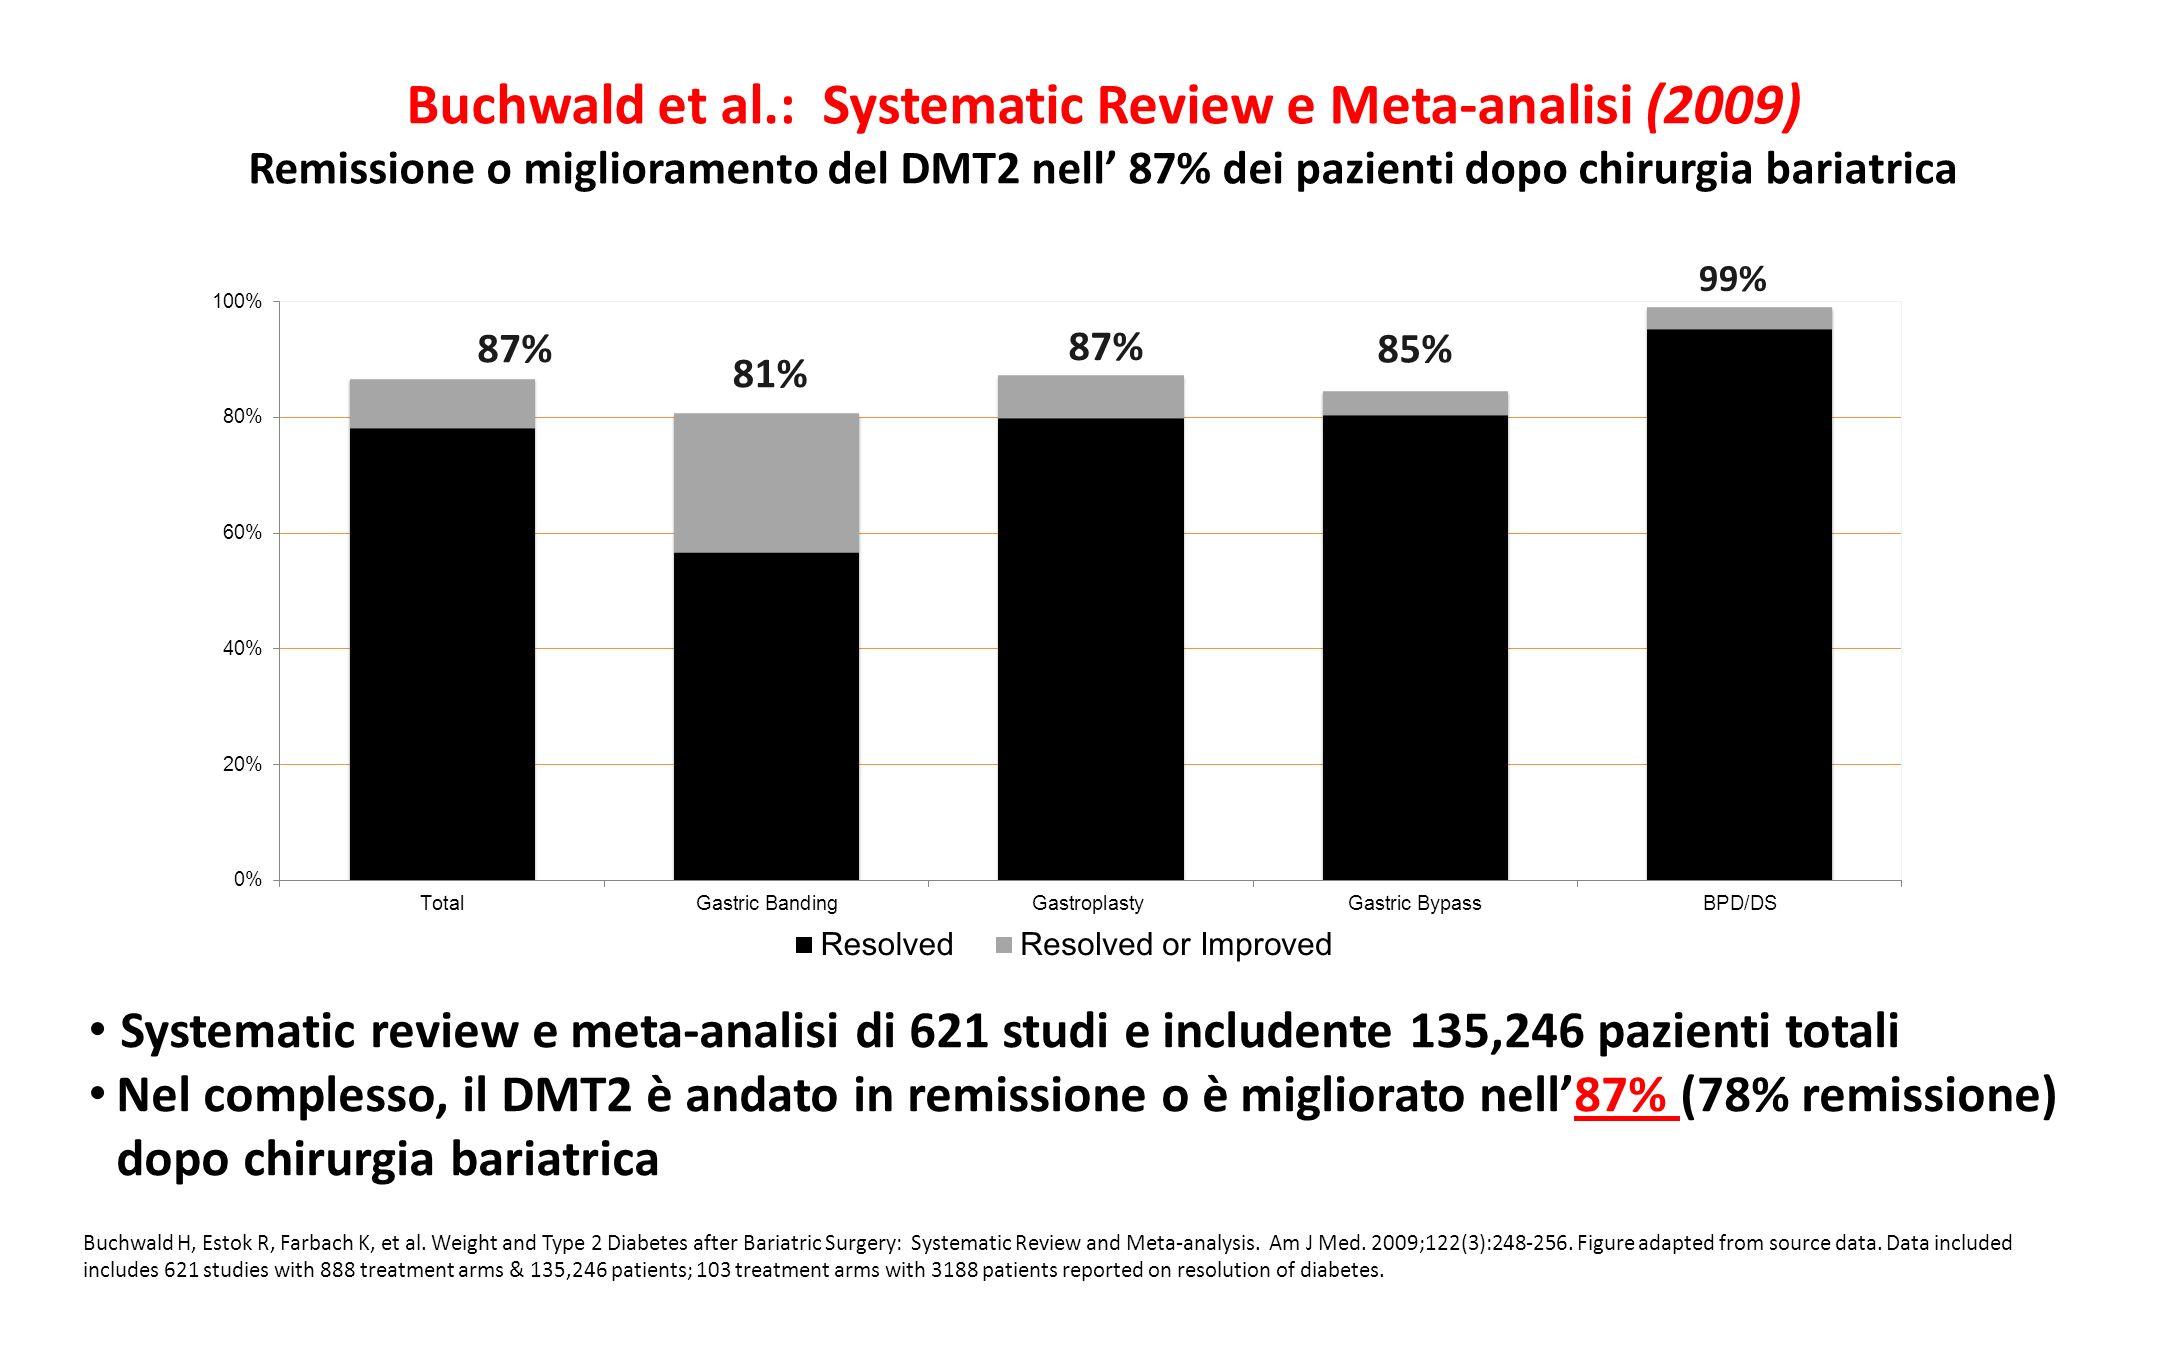 Buchwald et al.: Systematic Review e Meta-analisi (2009) Remissione o miglioramento del DMT2 nell' 87% dei pazienti dopo chirurgia bariatrica